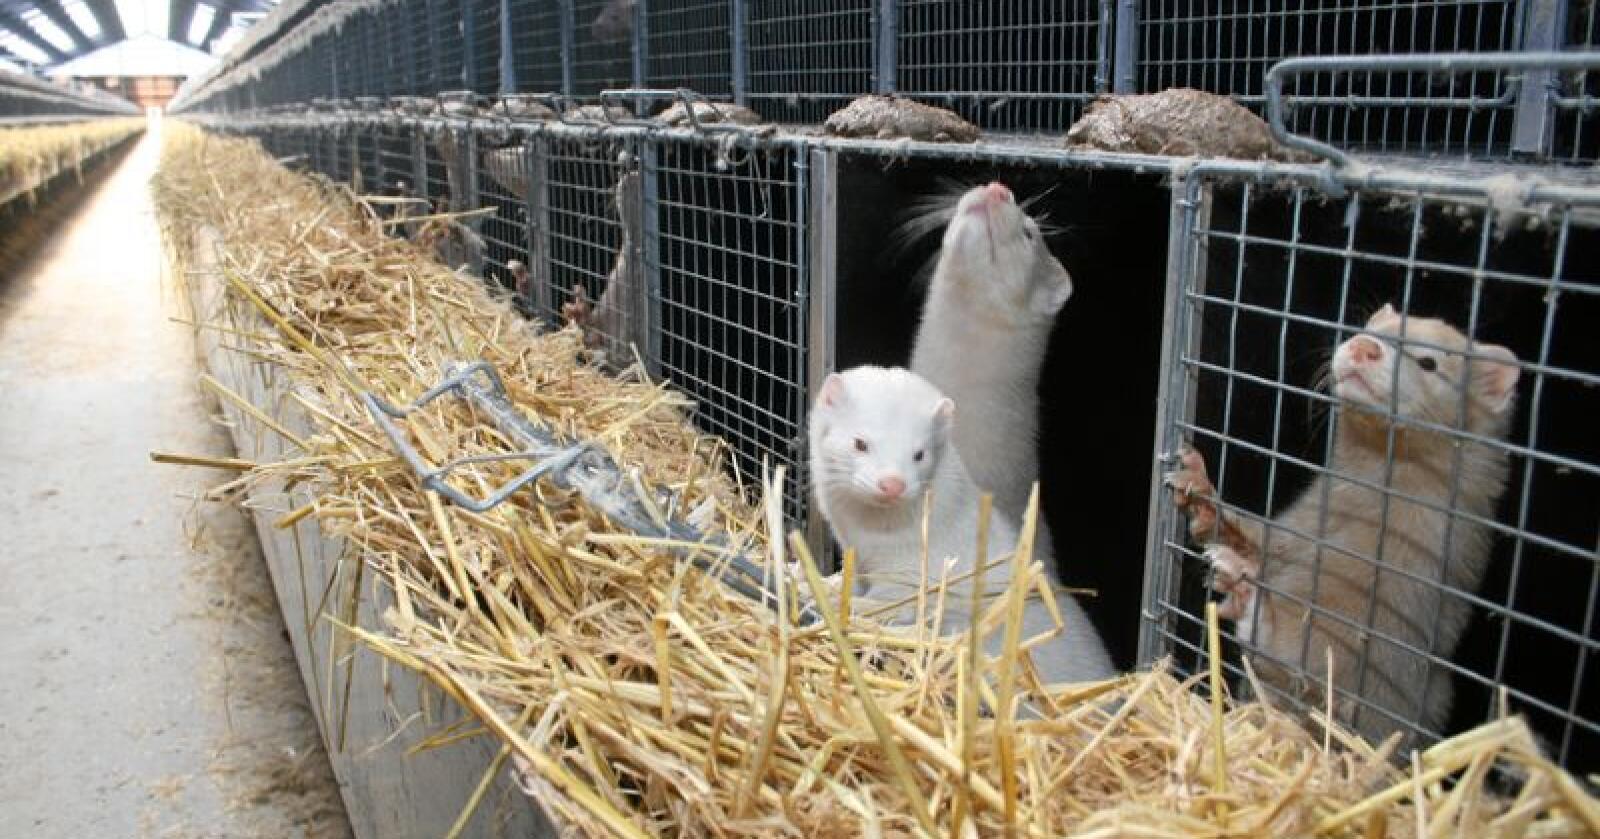 Loven om forbud mot pelsdyr ble vedtatt natt til fredag i Stortinget. Foto: Bjarne Bekkeheien Aase